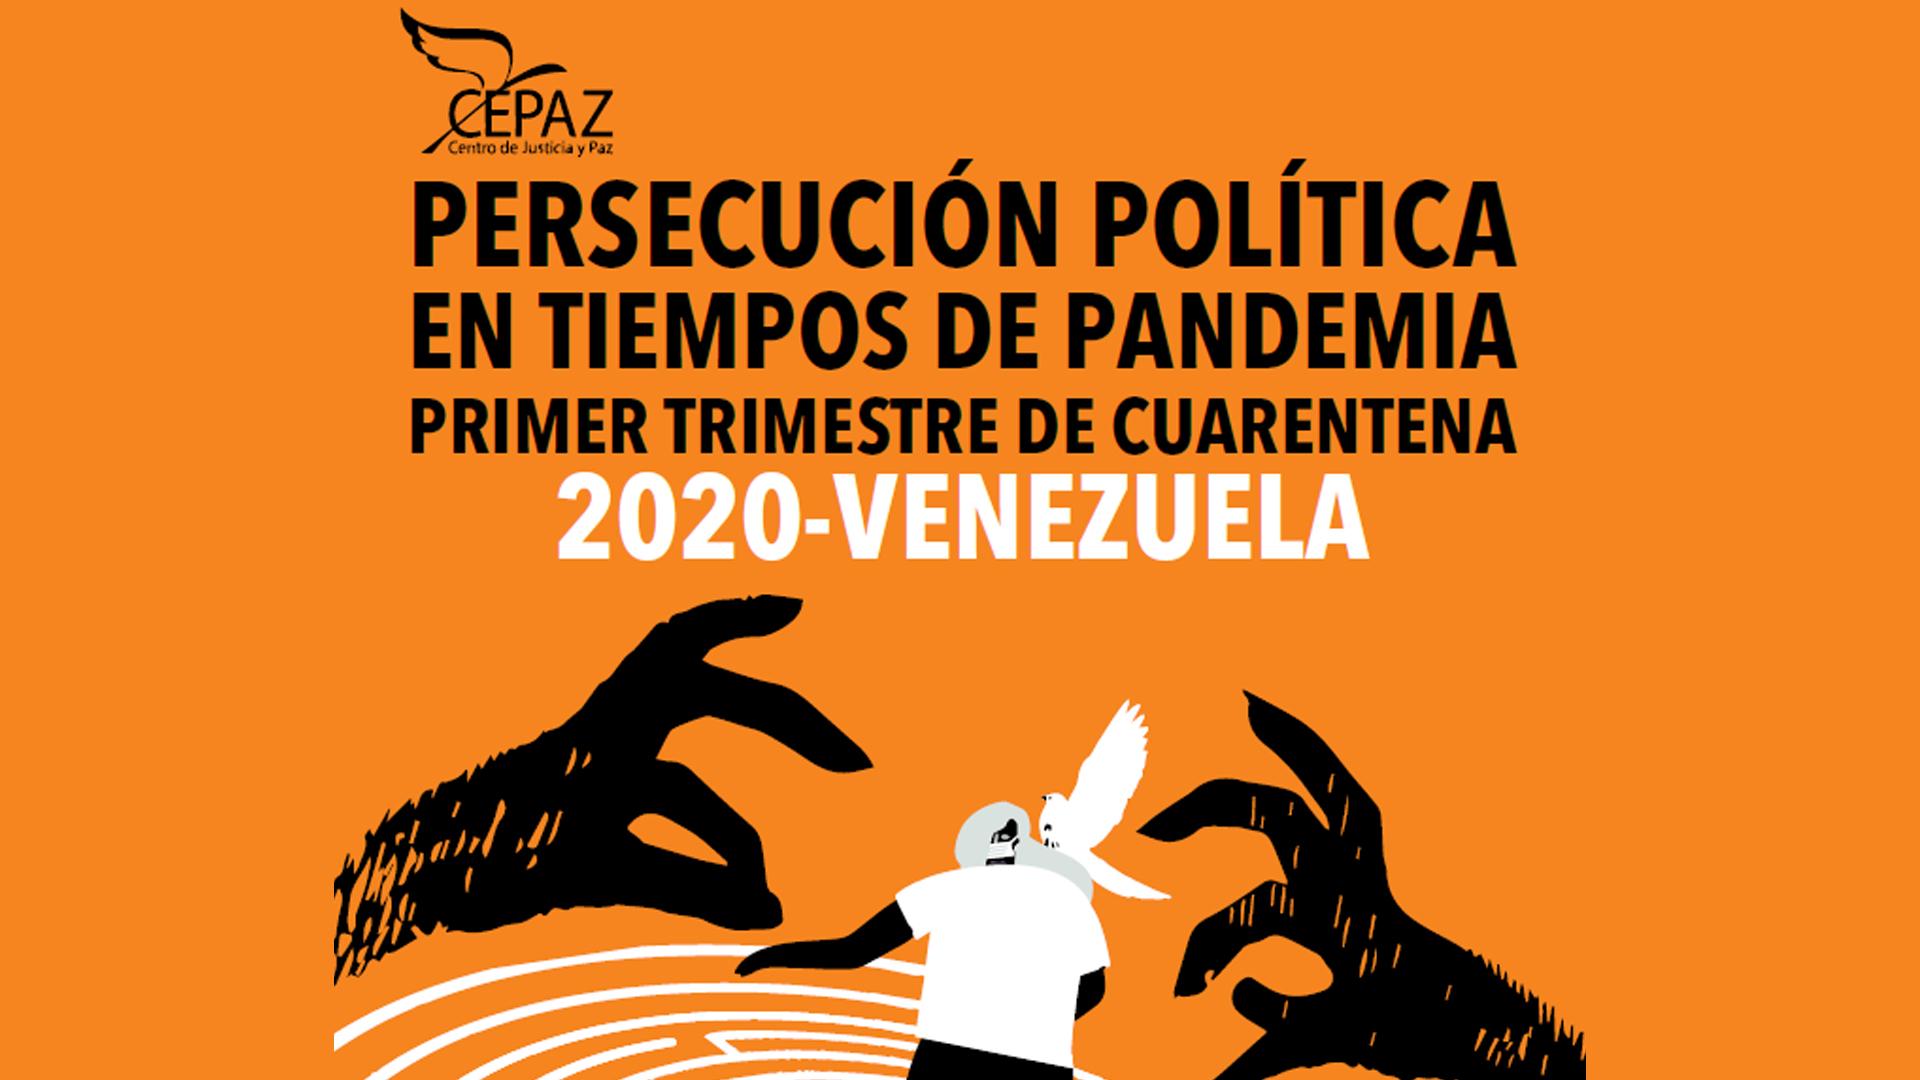 Cepaz: La persecución política en Venezuela se ha agudizado durante la pandemia